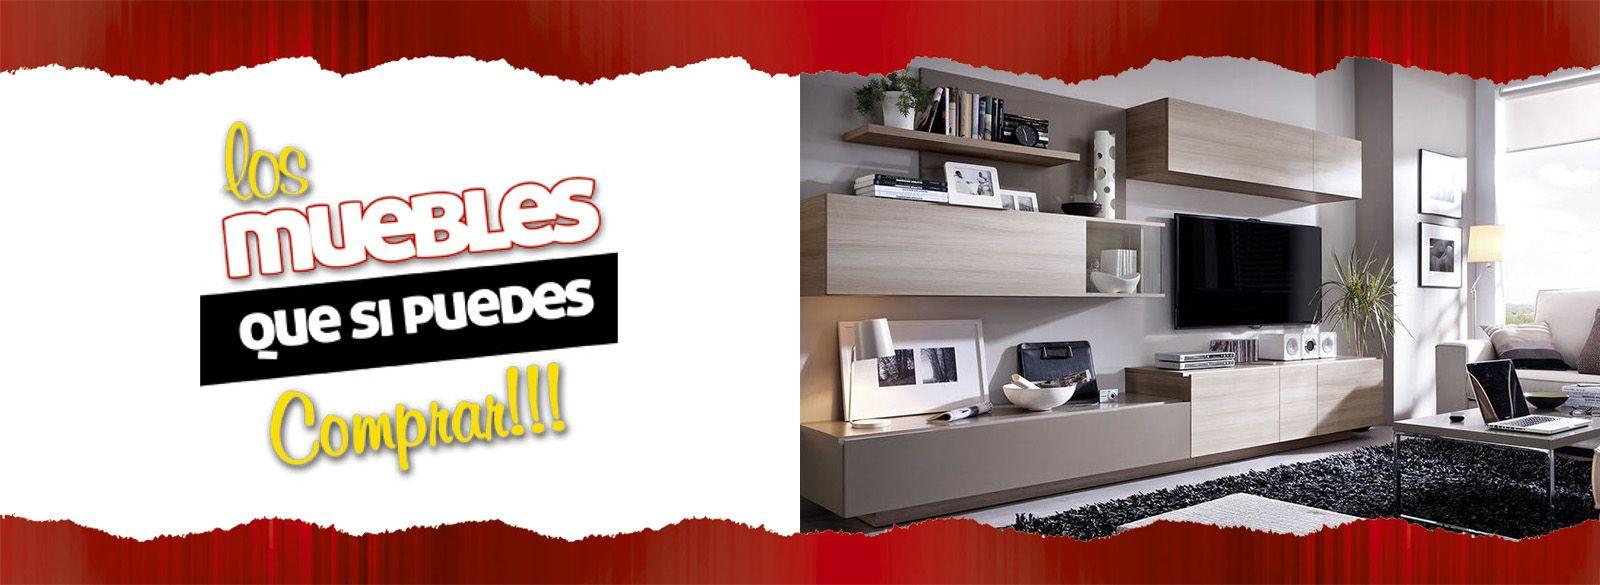 Catálogo 2018: Productos de Muebles Seseña